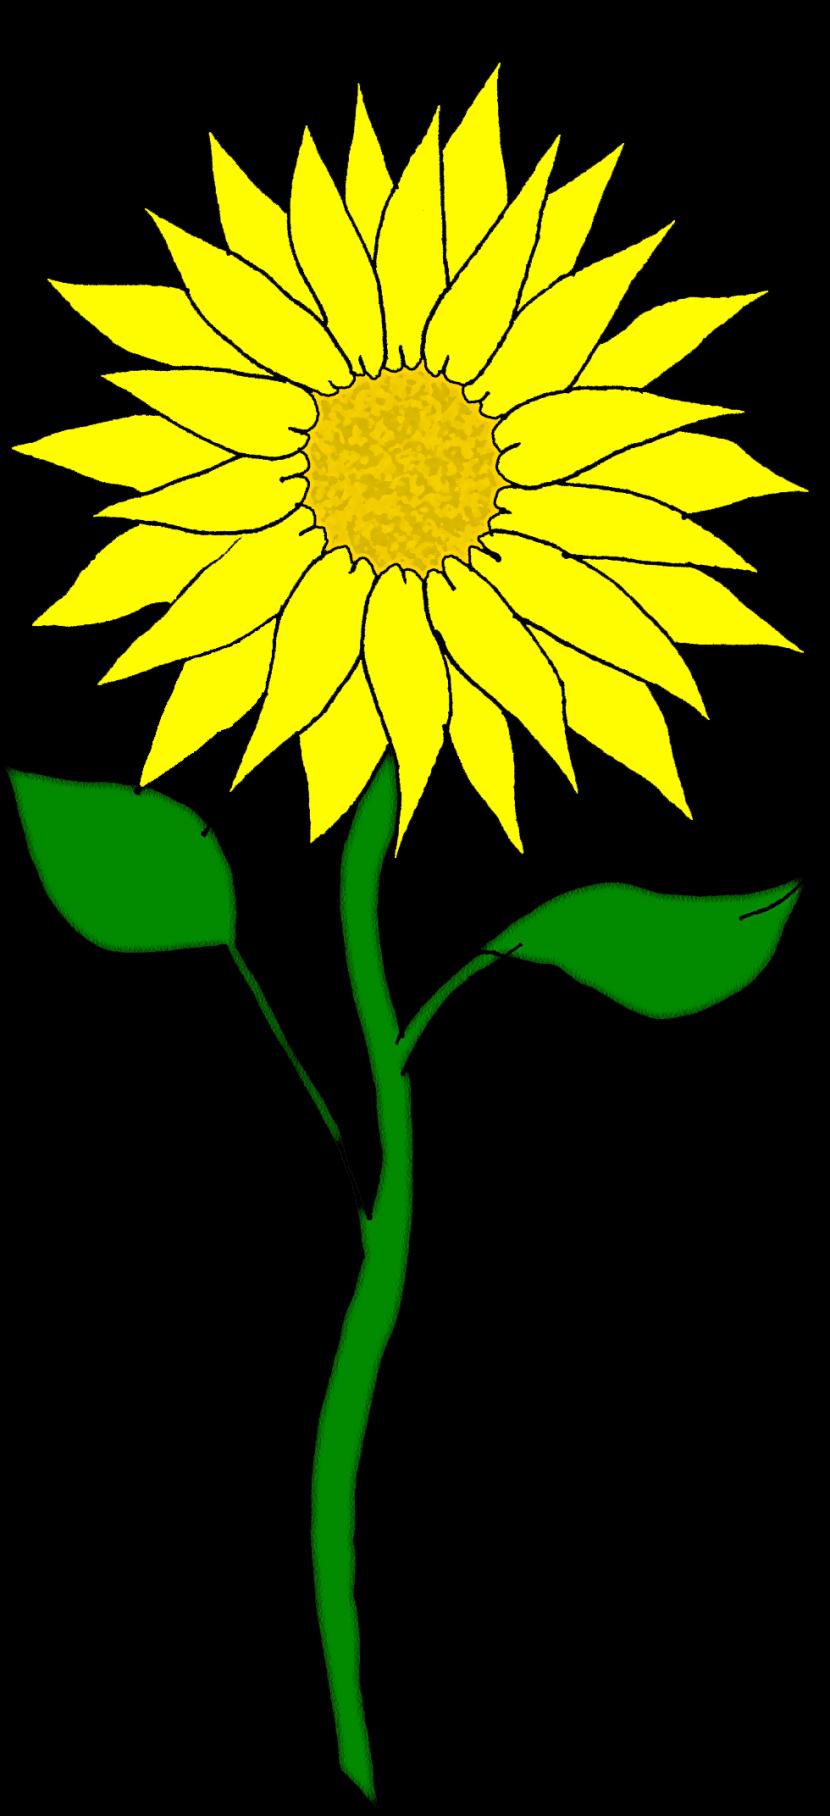 Best Sunflower Clipart #26347.